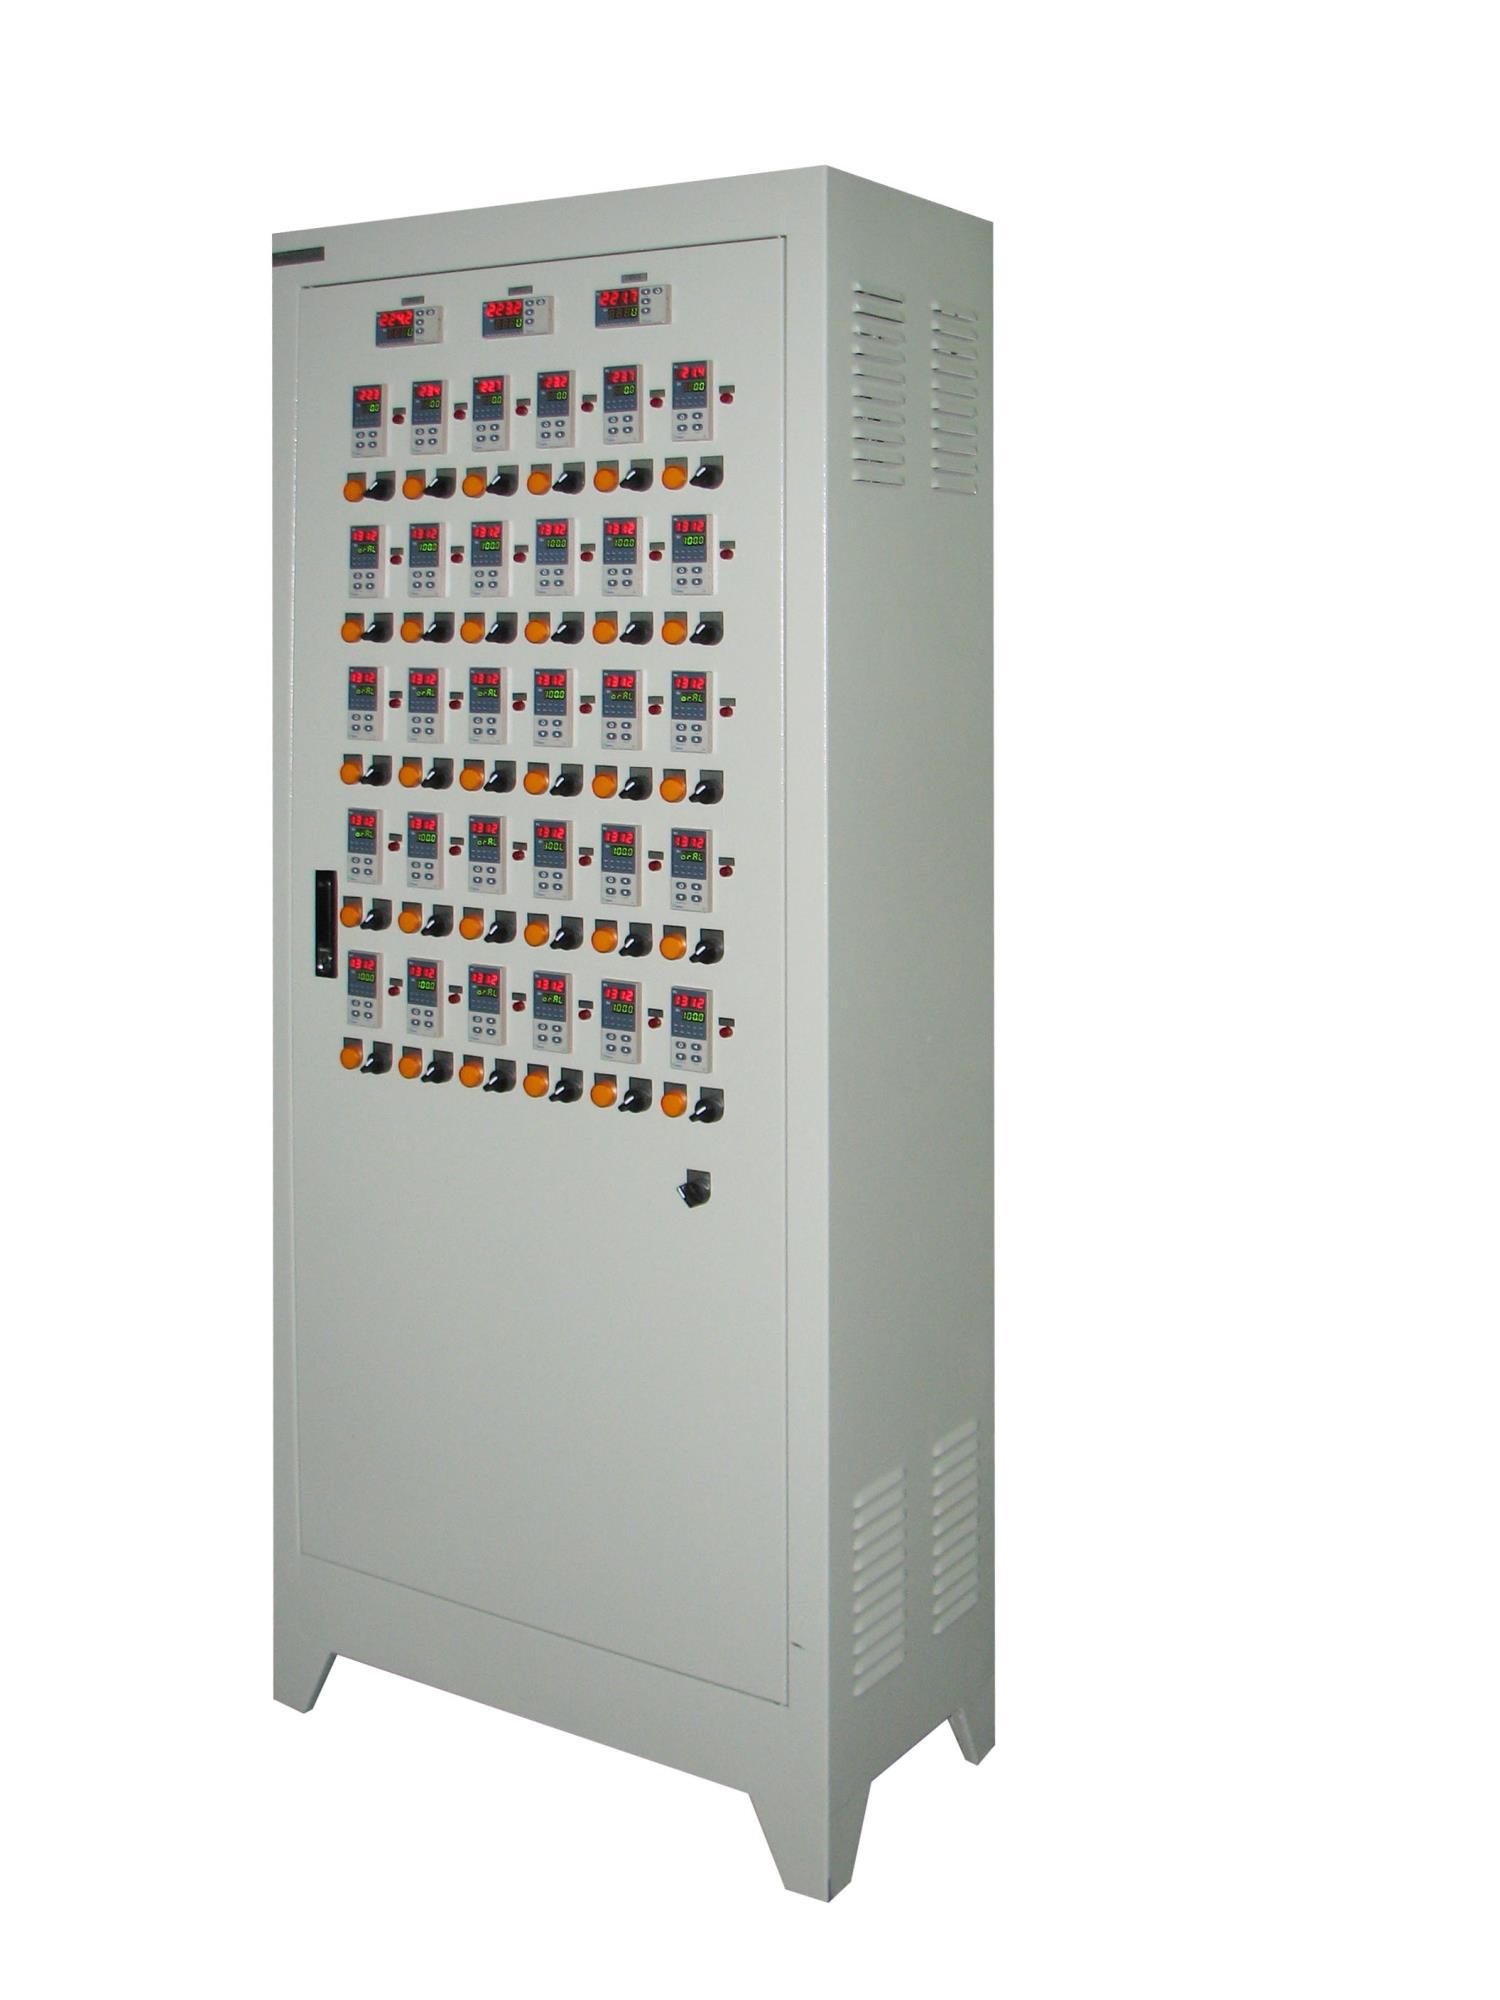 我司专业生产智能温控器,数显仪表,无纸记录仪,plc,可控硅电炉控制柜